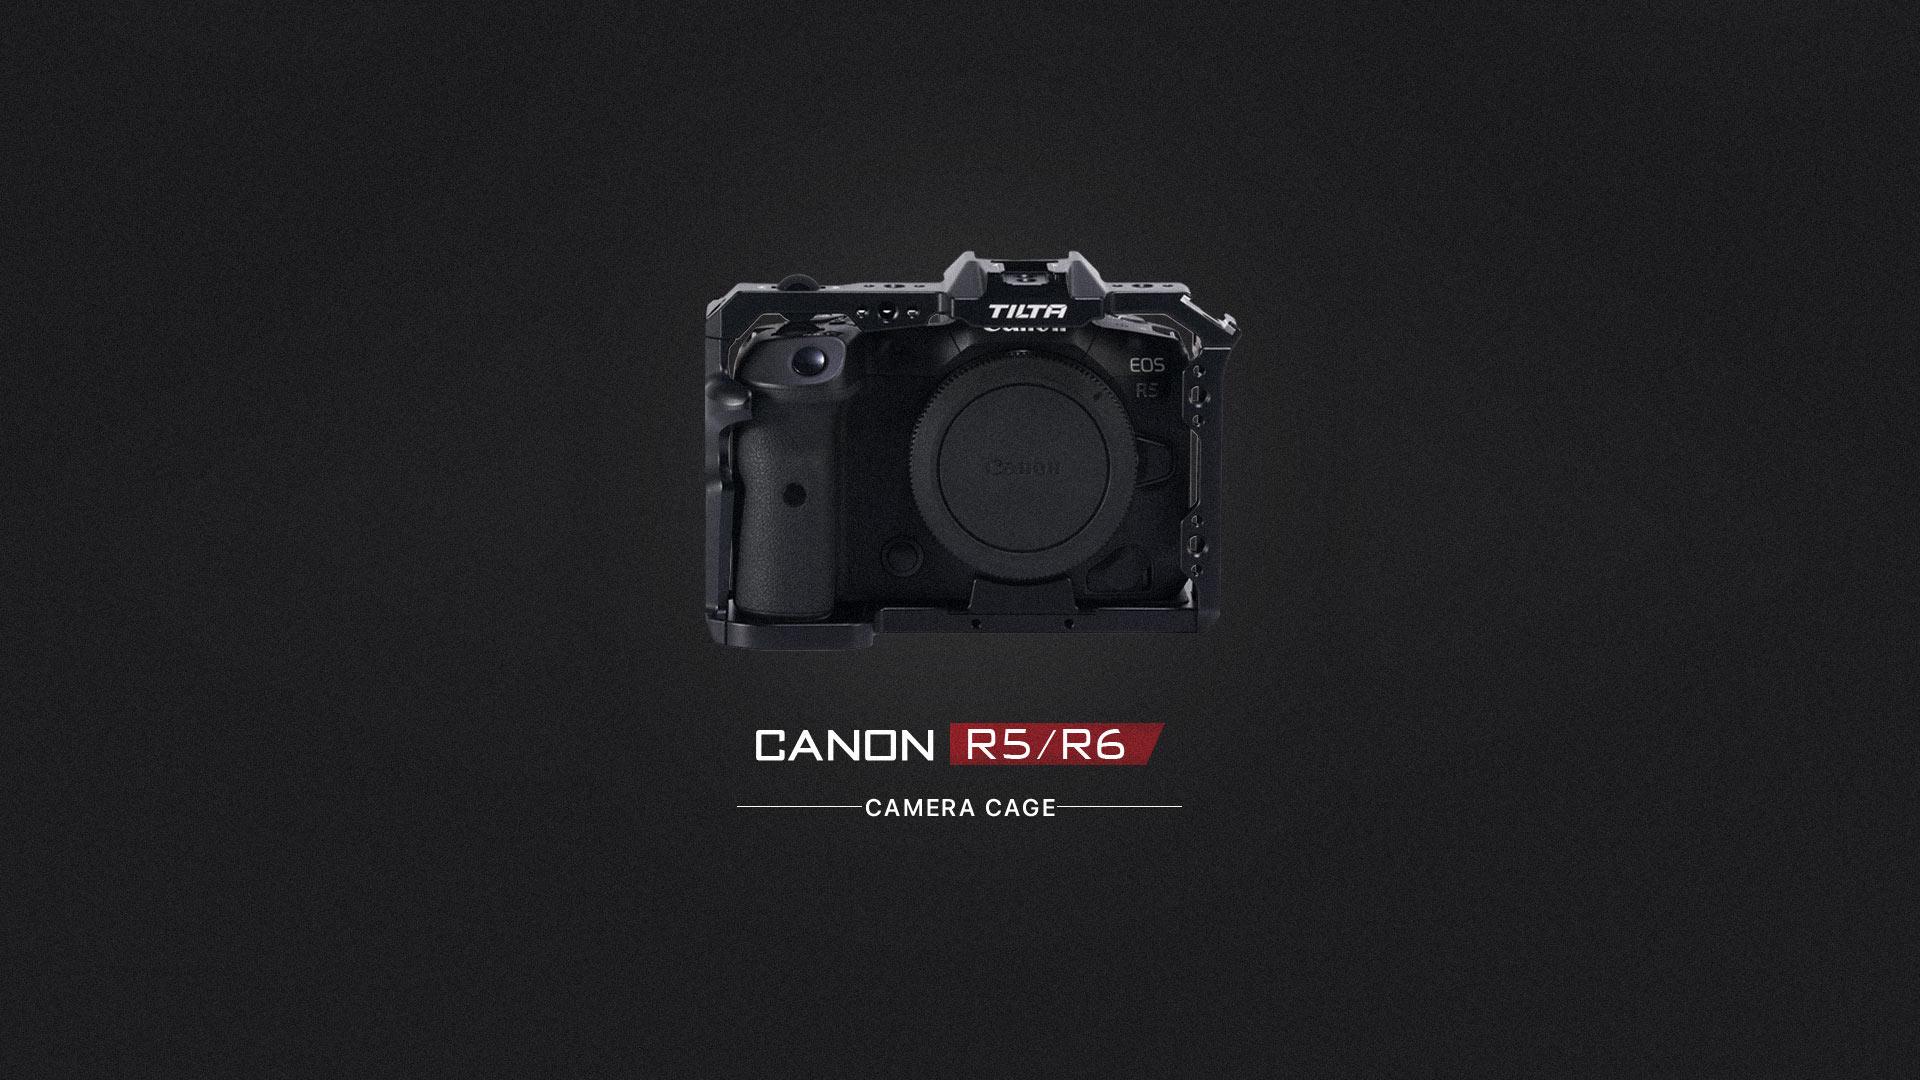 canon r5/r6 cage intro